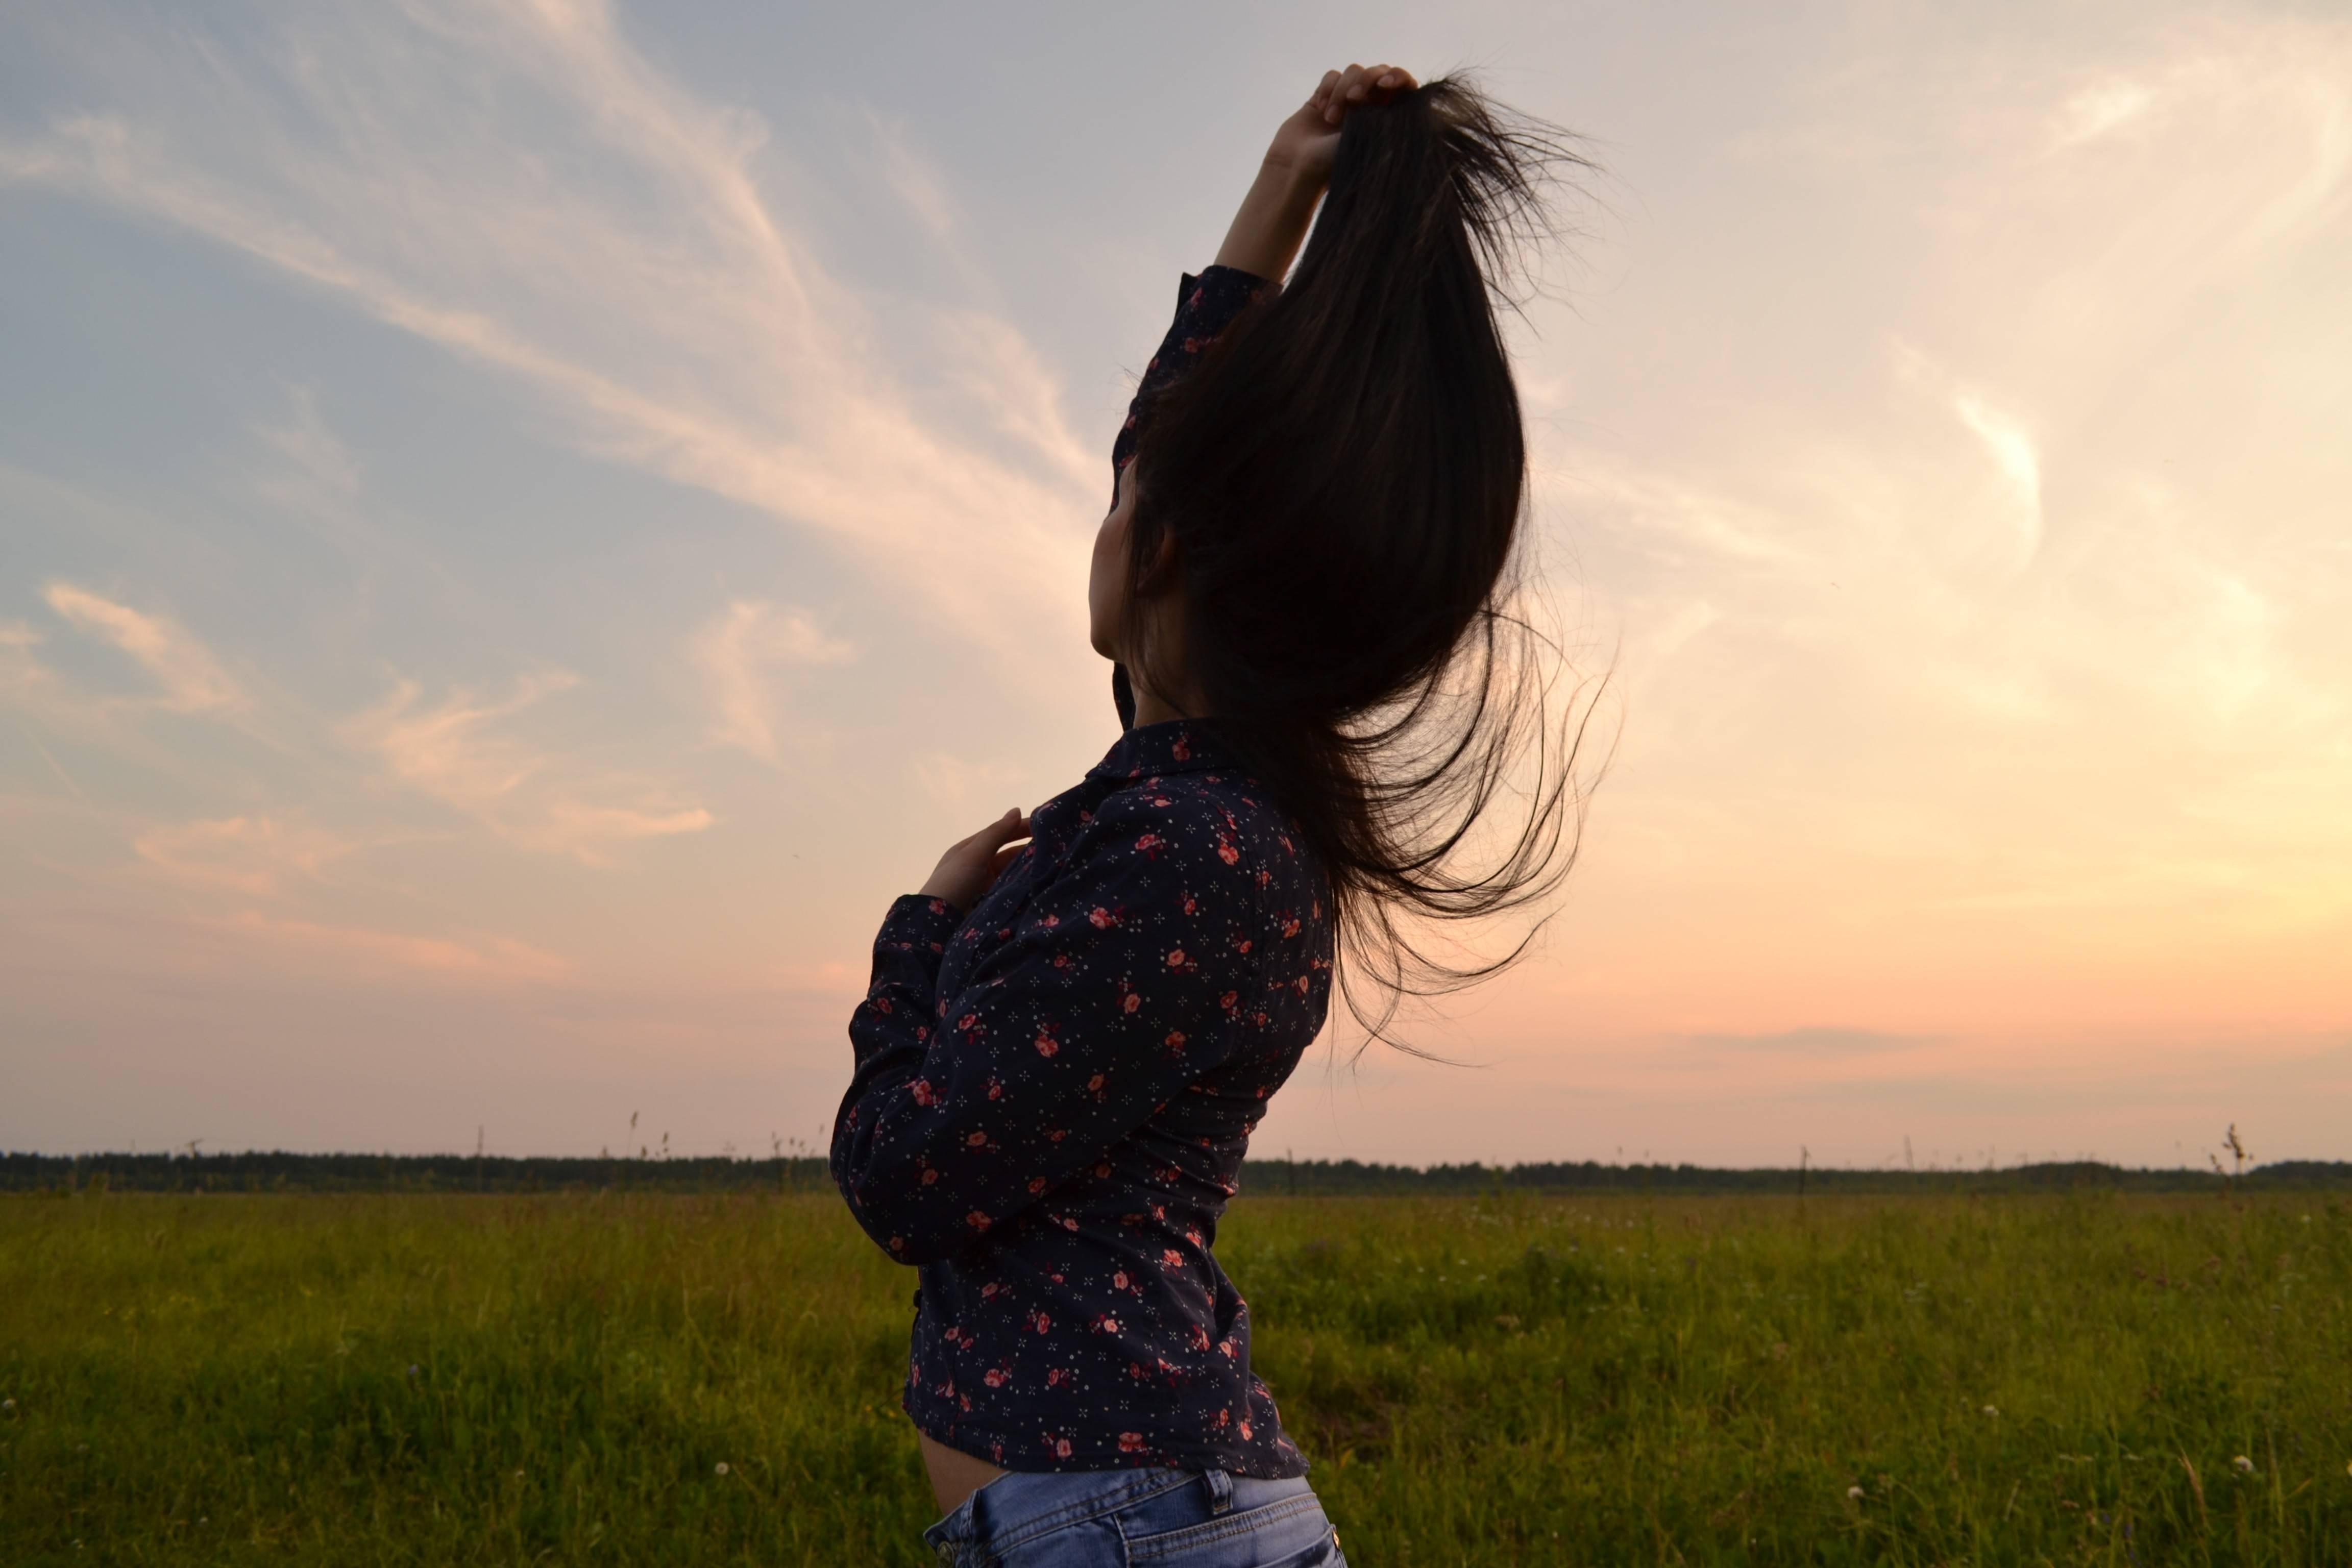 Нарисованные брюнетки на аву. фотки красивых девушек брюнеток сзади. завораживающее фото на аватарку - брюнетки со спины